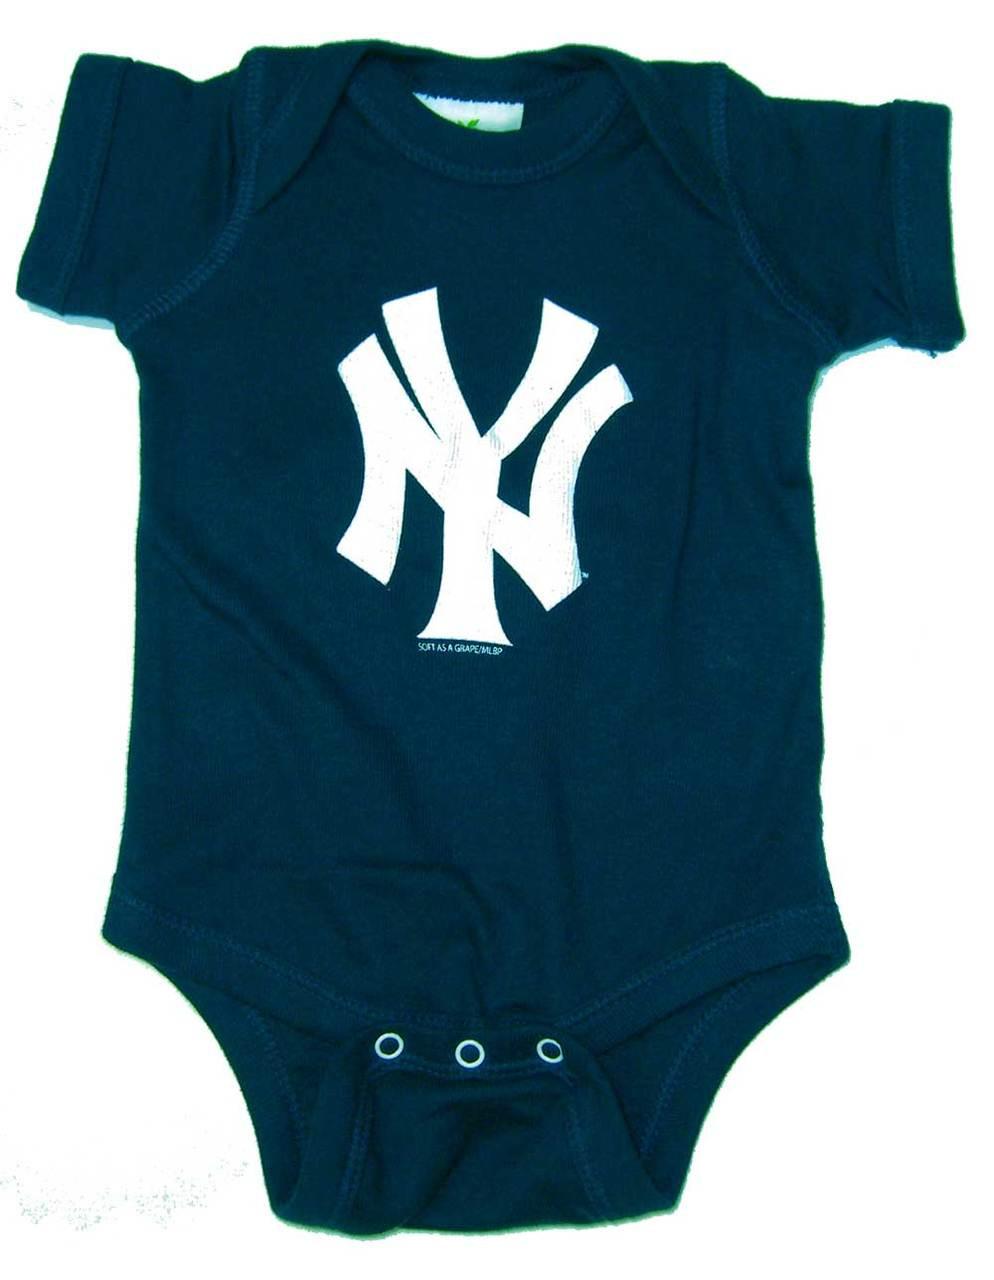 Ny yankees baby clothing infant yankee jerseys and yankee baby gear yankees baby ny navy creeper negle Choice Image